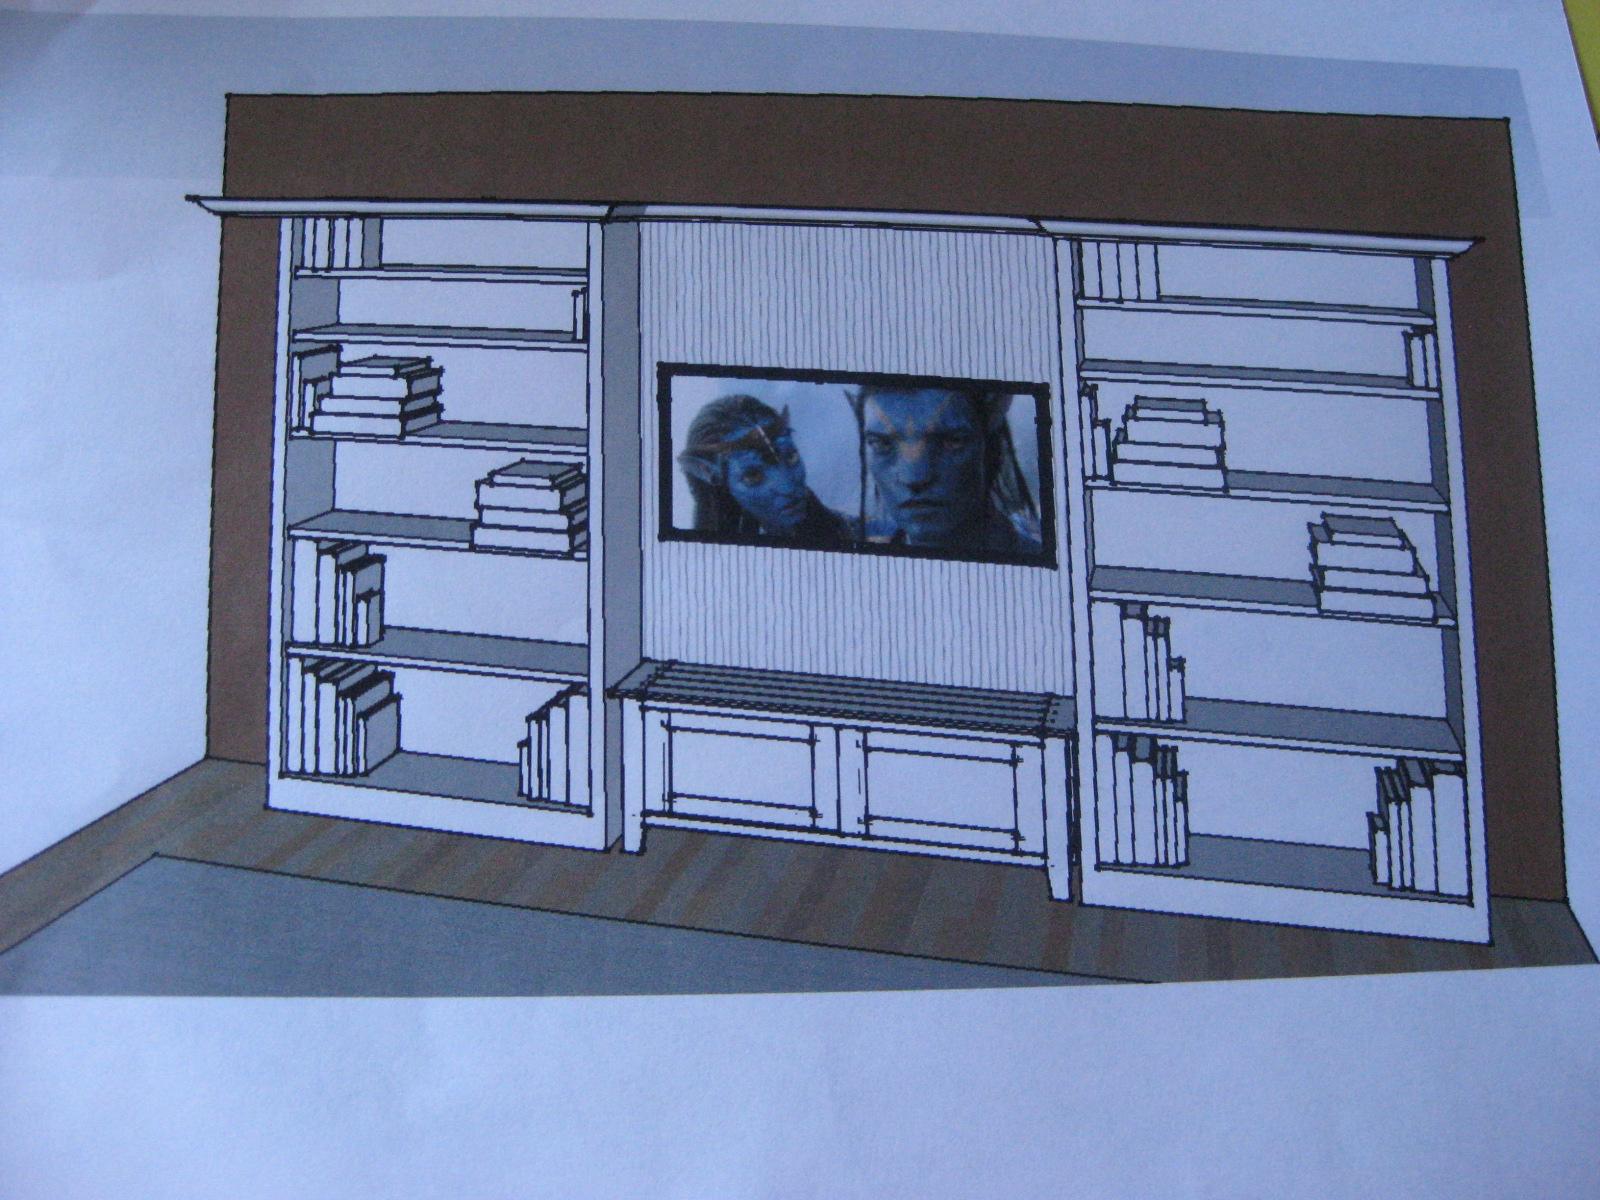 Flat Screen Entertainment Center Plans